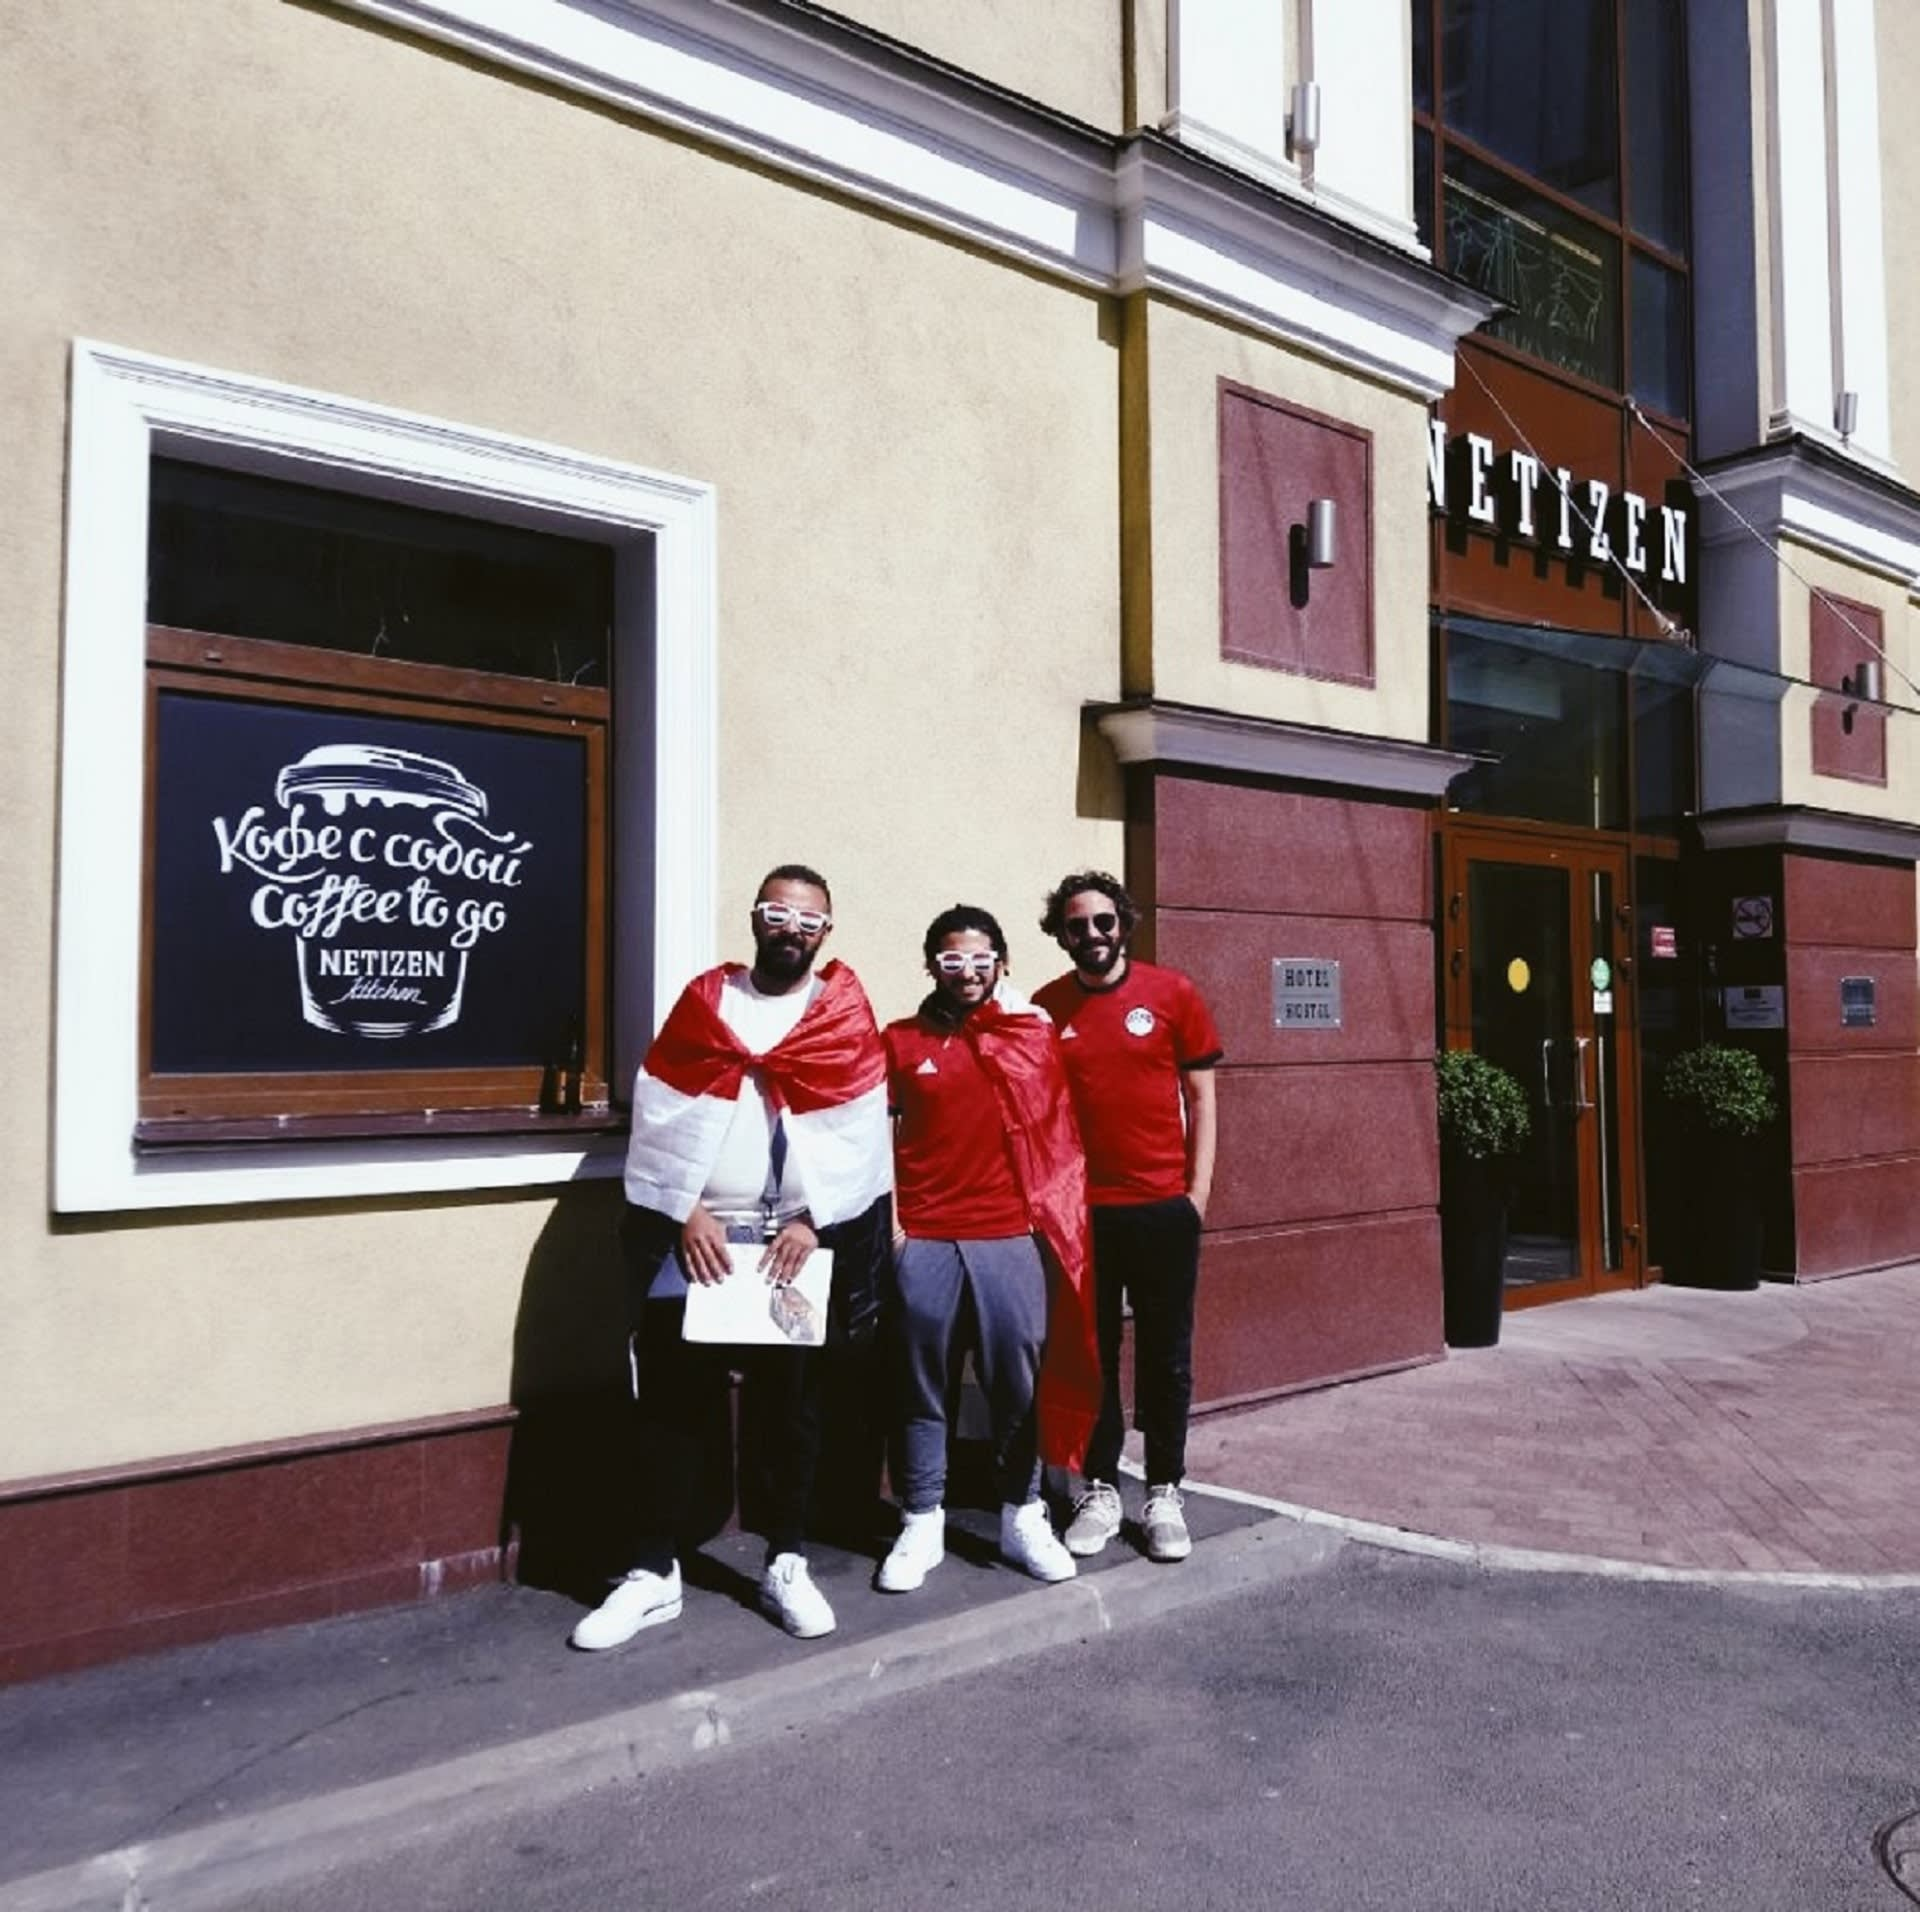 HOSTEL - Netizen Saint Petersburg Centre